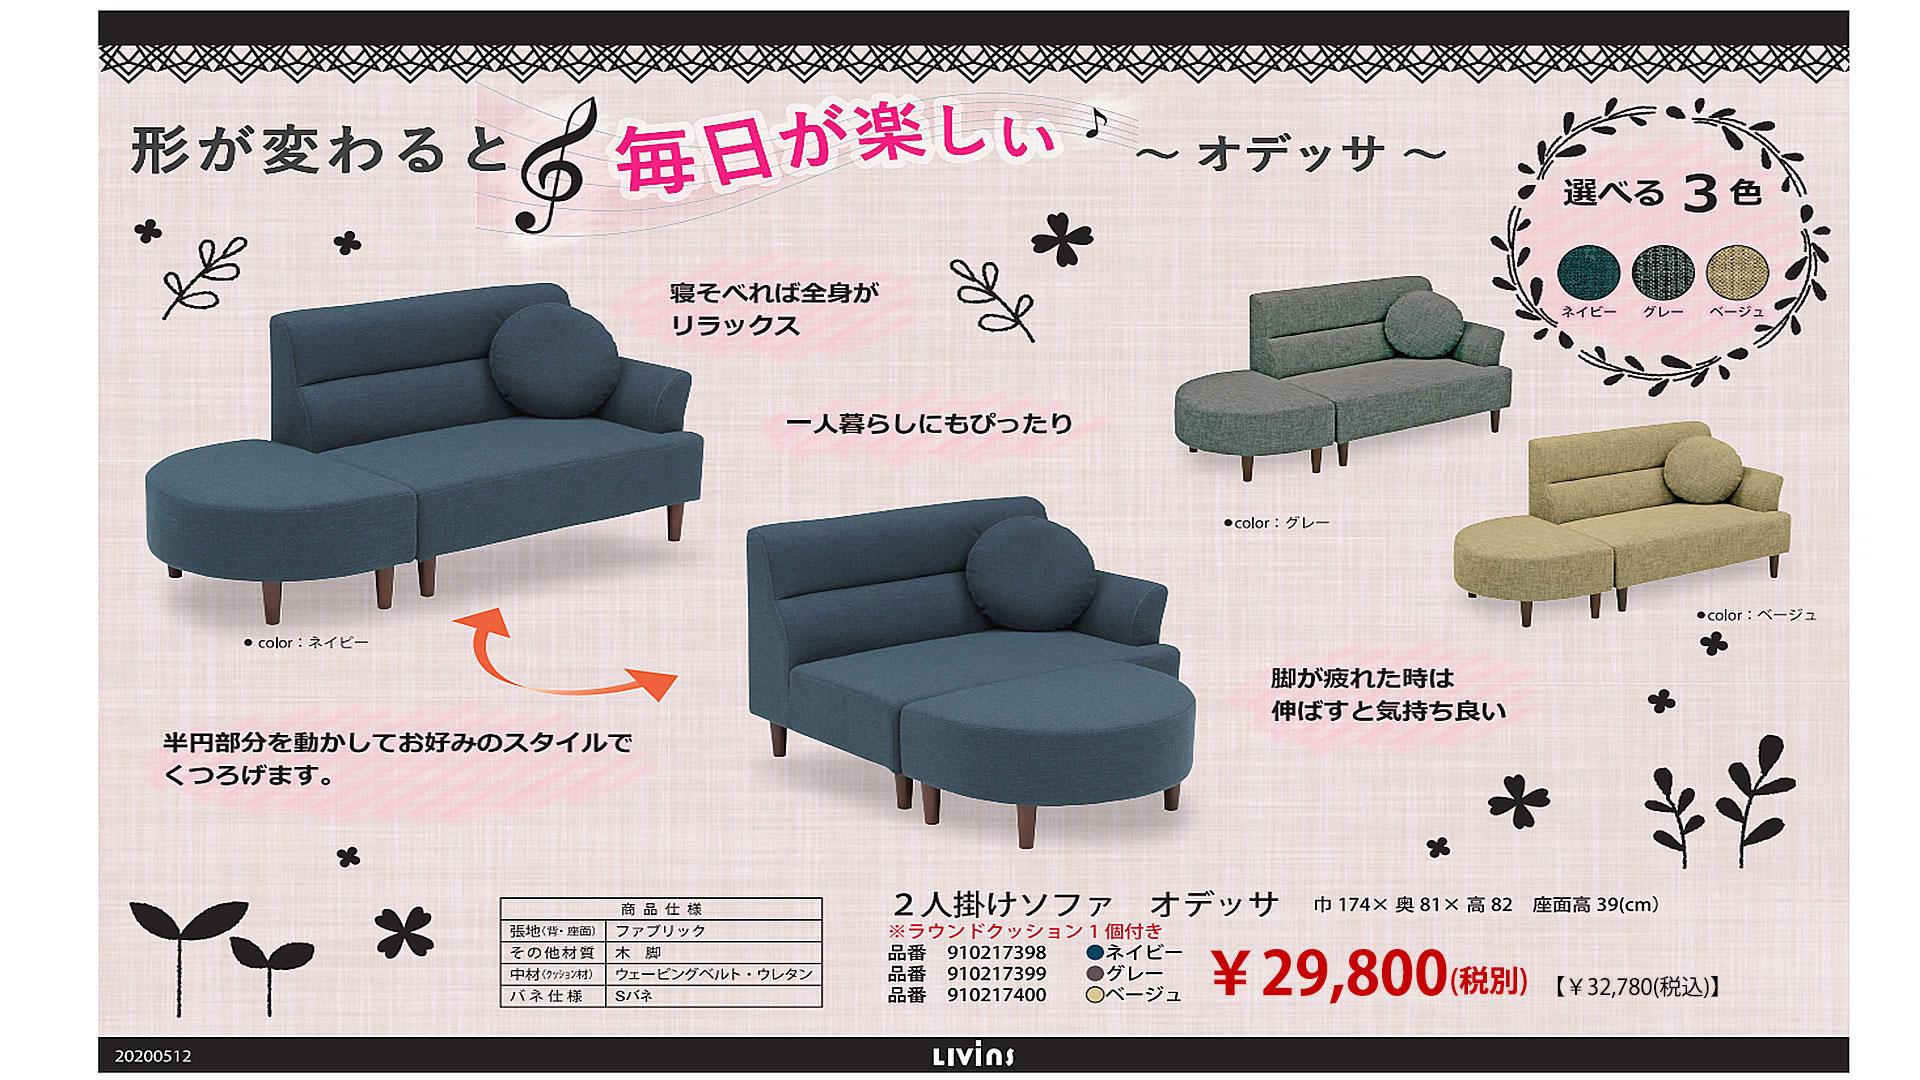 リビンズのソファ「オデッサ」のPOPの画像